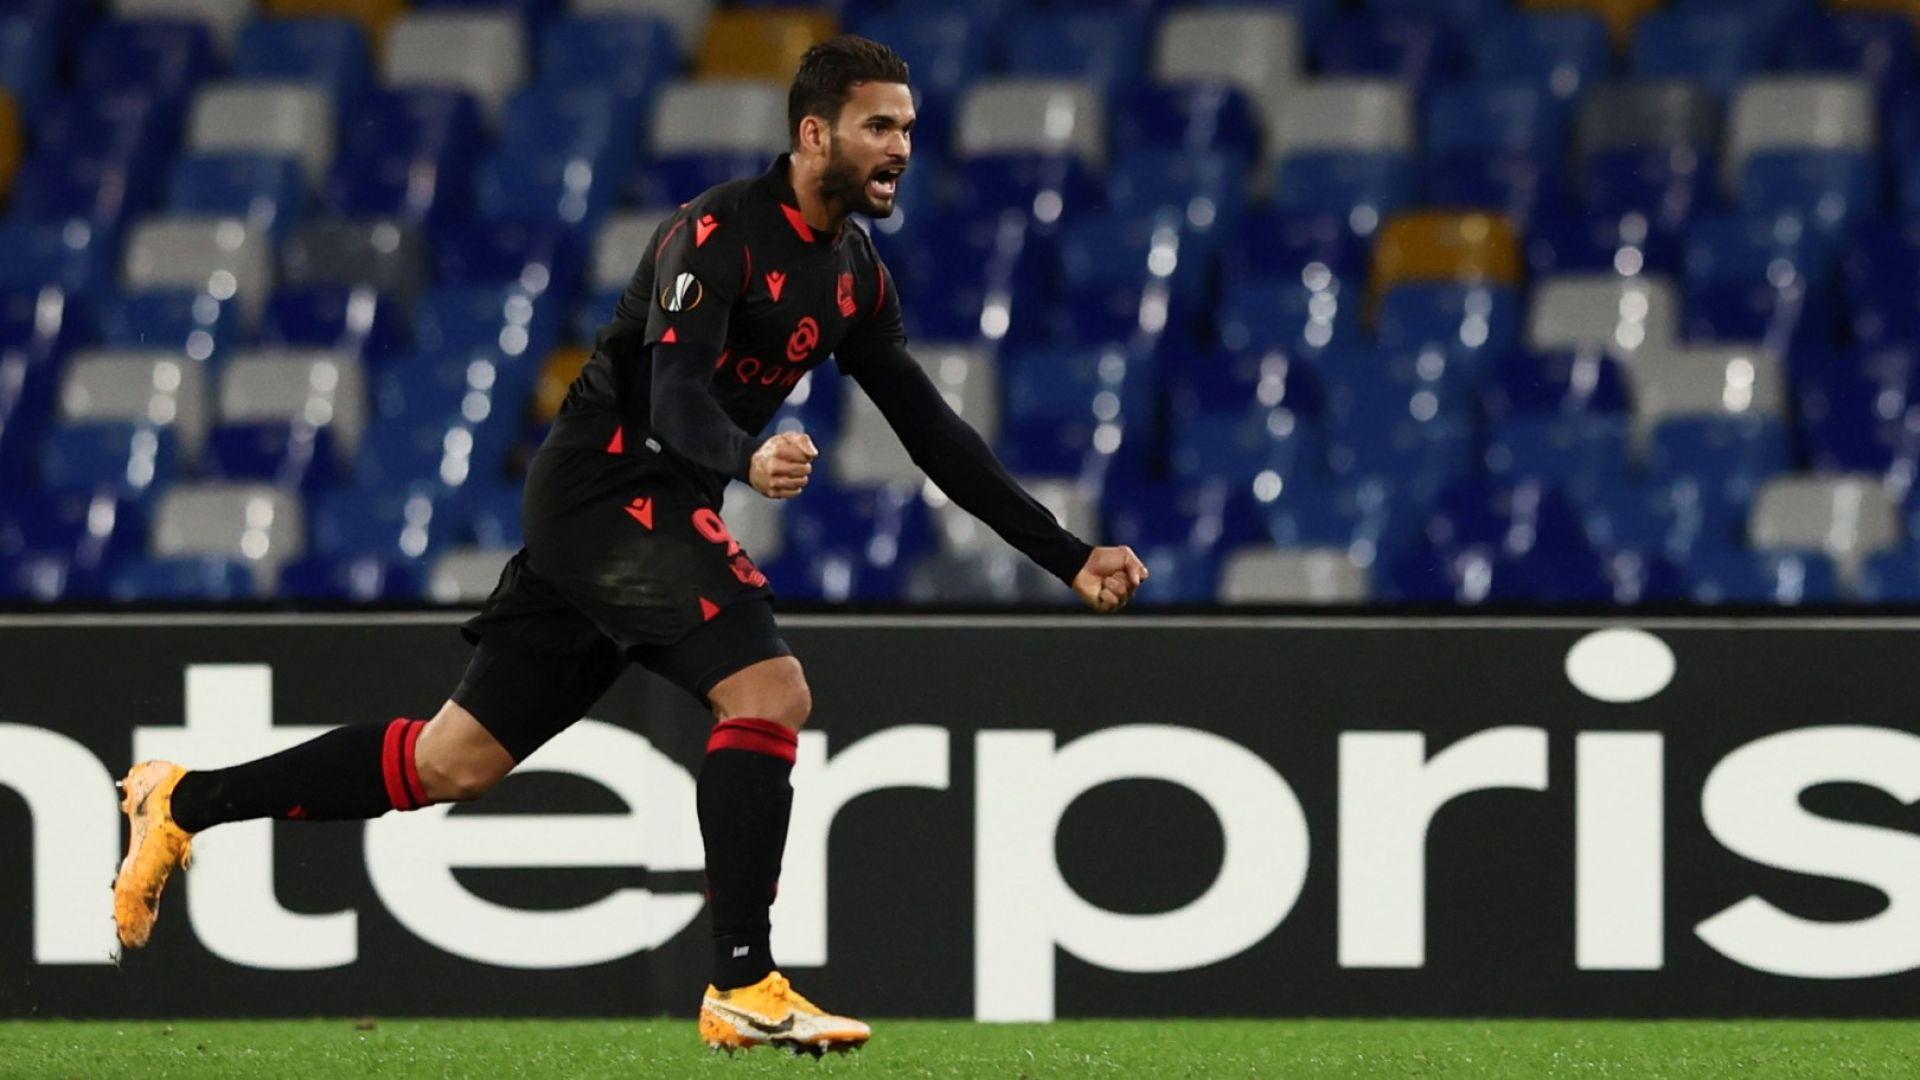 Мартин Минчев игра 66 минути срещу Милан, голяма драма в Неапол (Резултати)